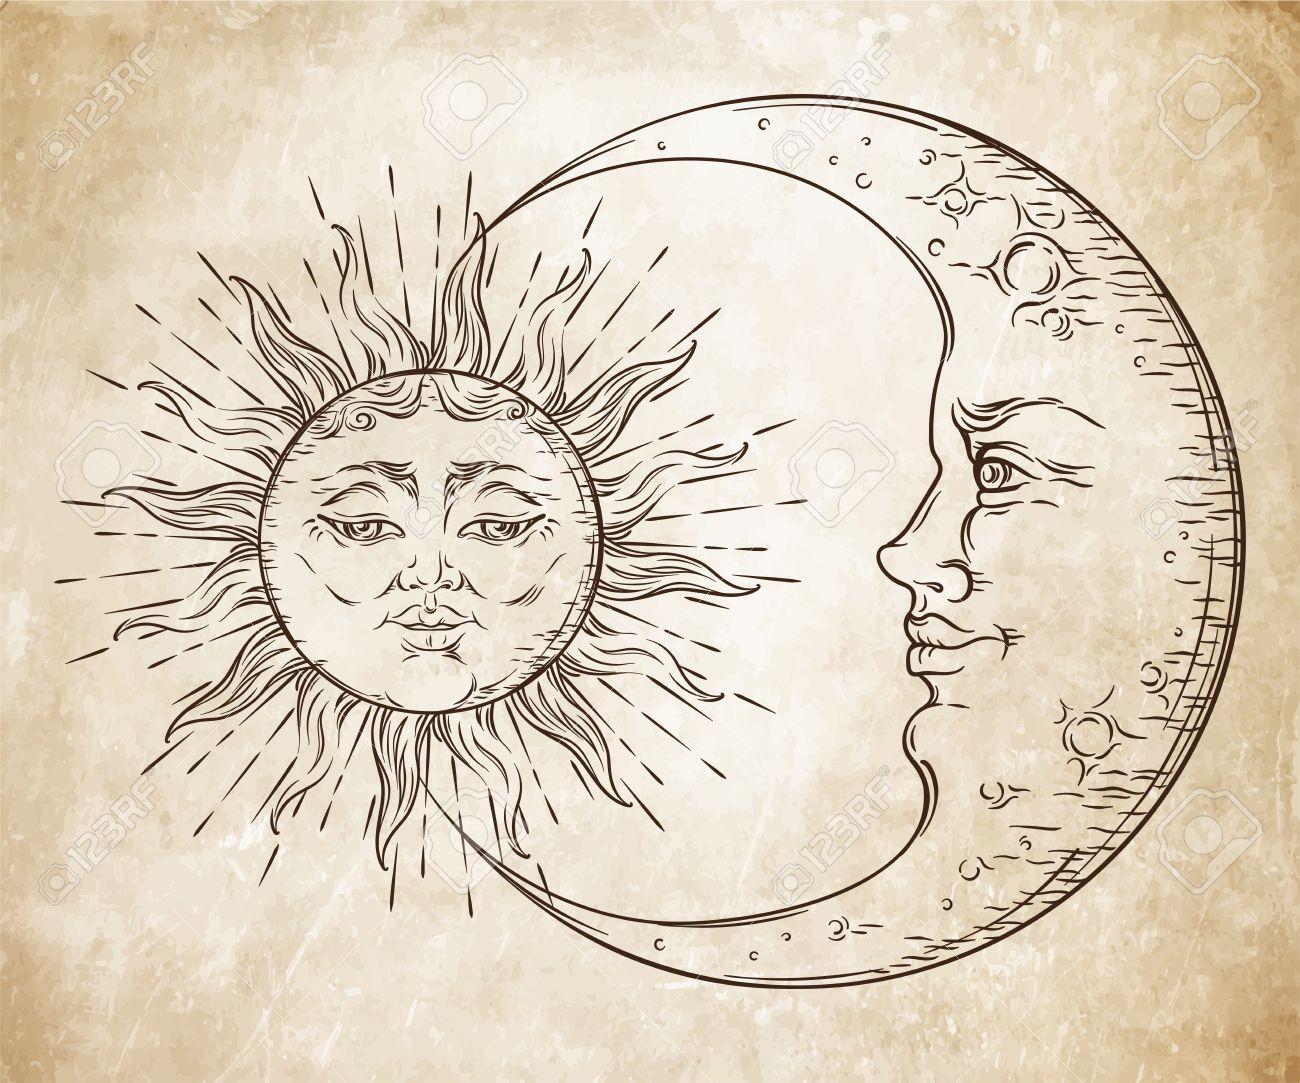 Main De Style Antique Art Dessiné Soleil Et Croissant De Lune Boho Tatouage Chic Design Vector Illustration